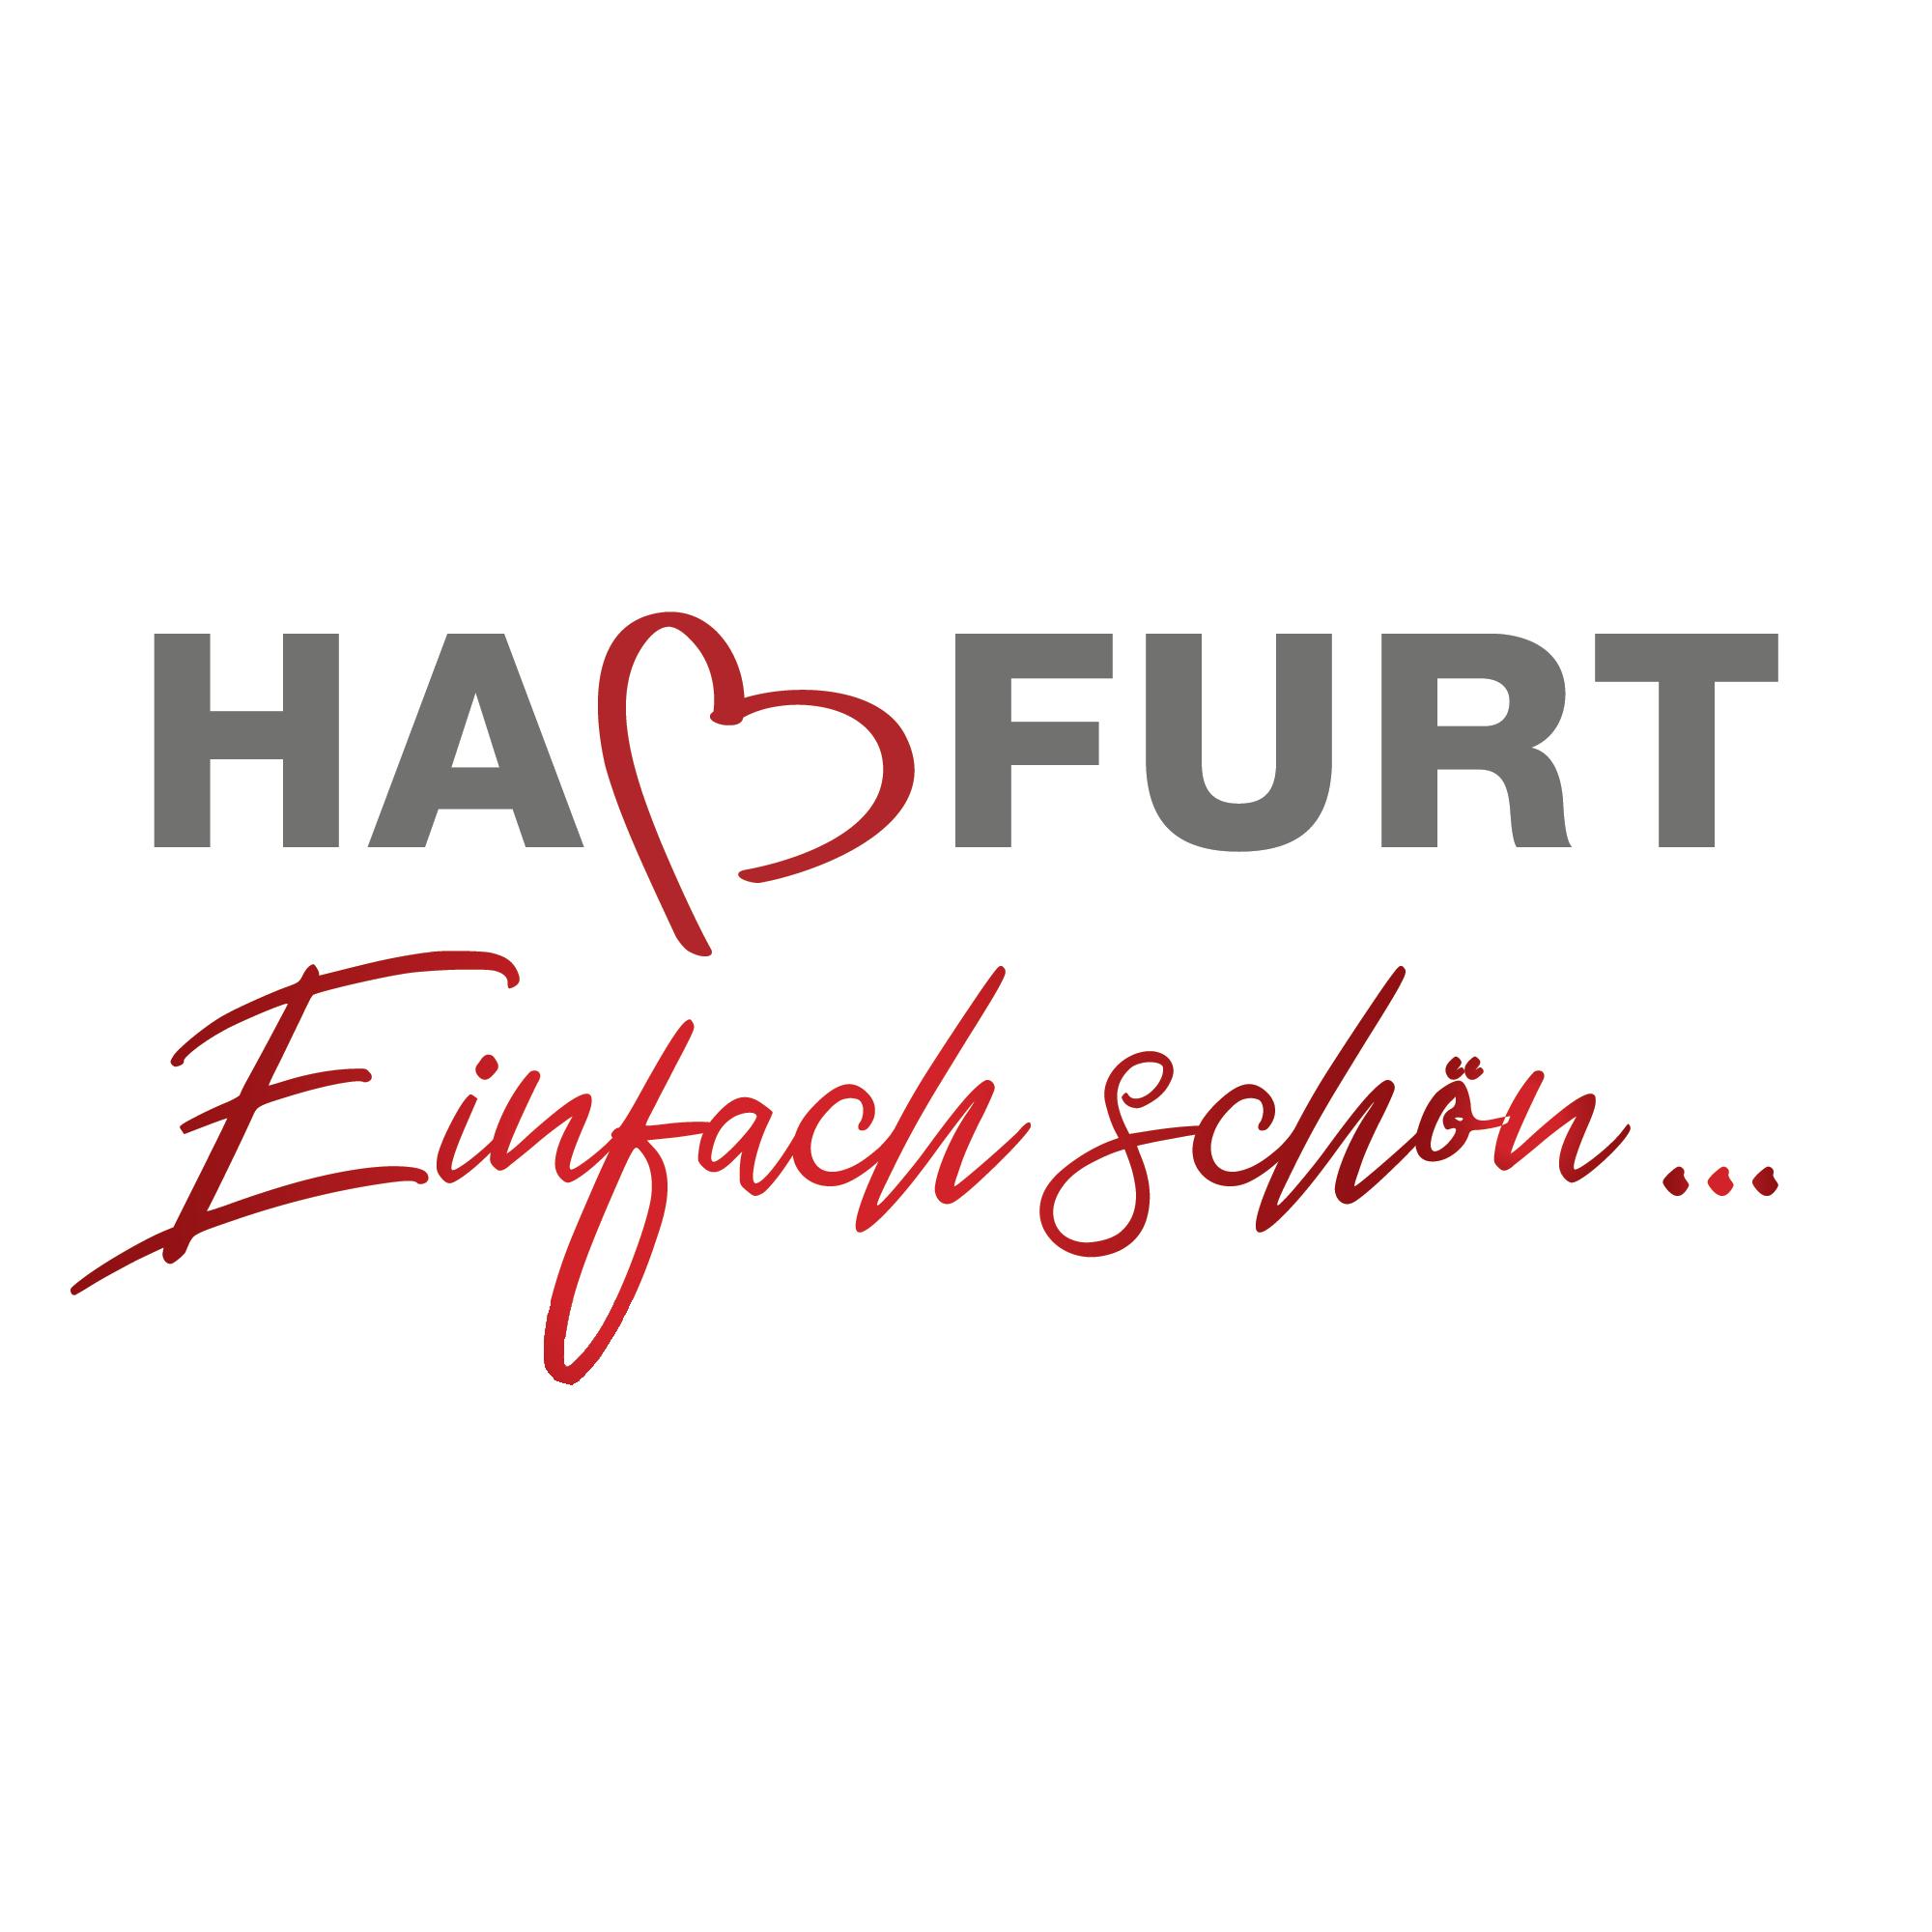 Haßfurt – Einfach schön!